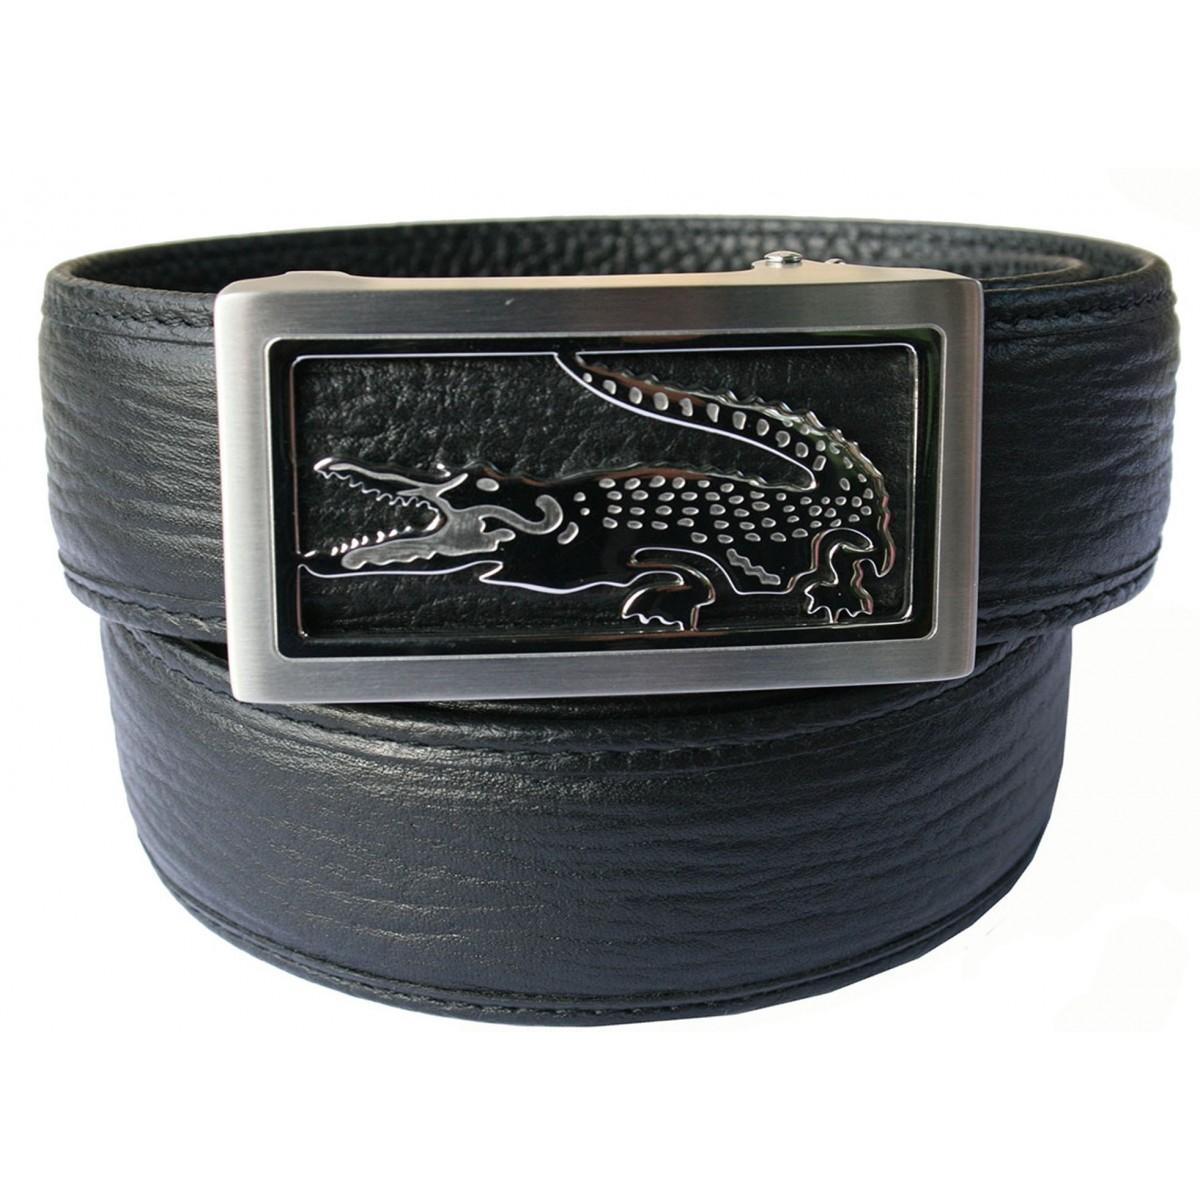 Ceinture homme Luxury lanière cuir B6 noir et boucle à serrage automatique 800